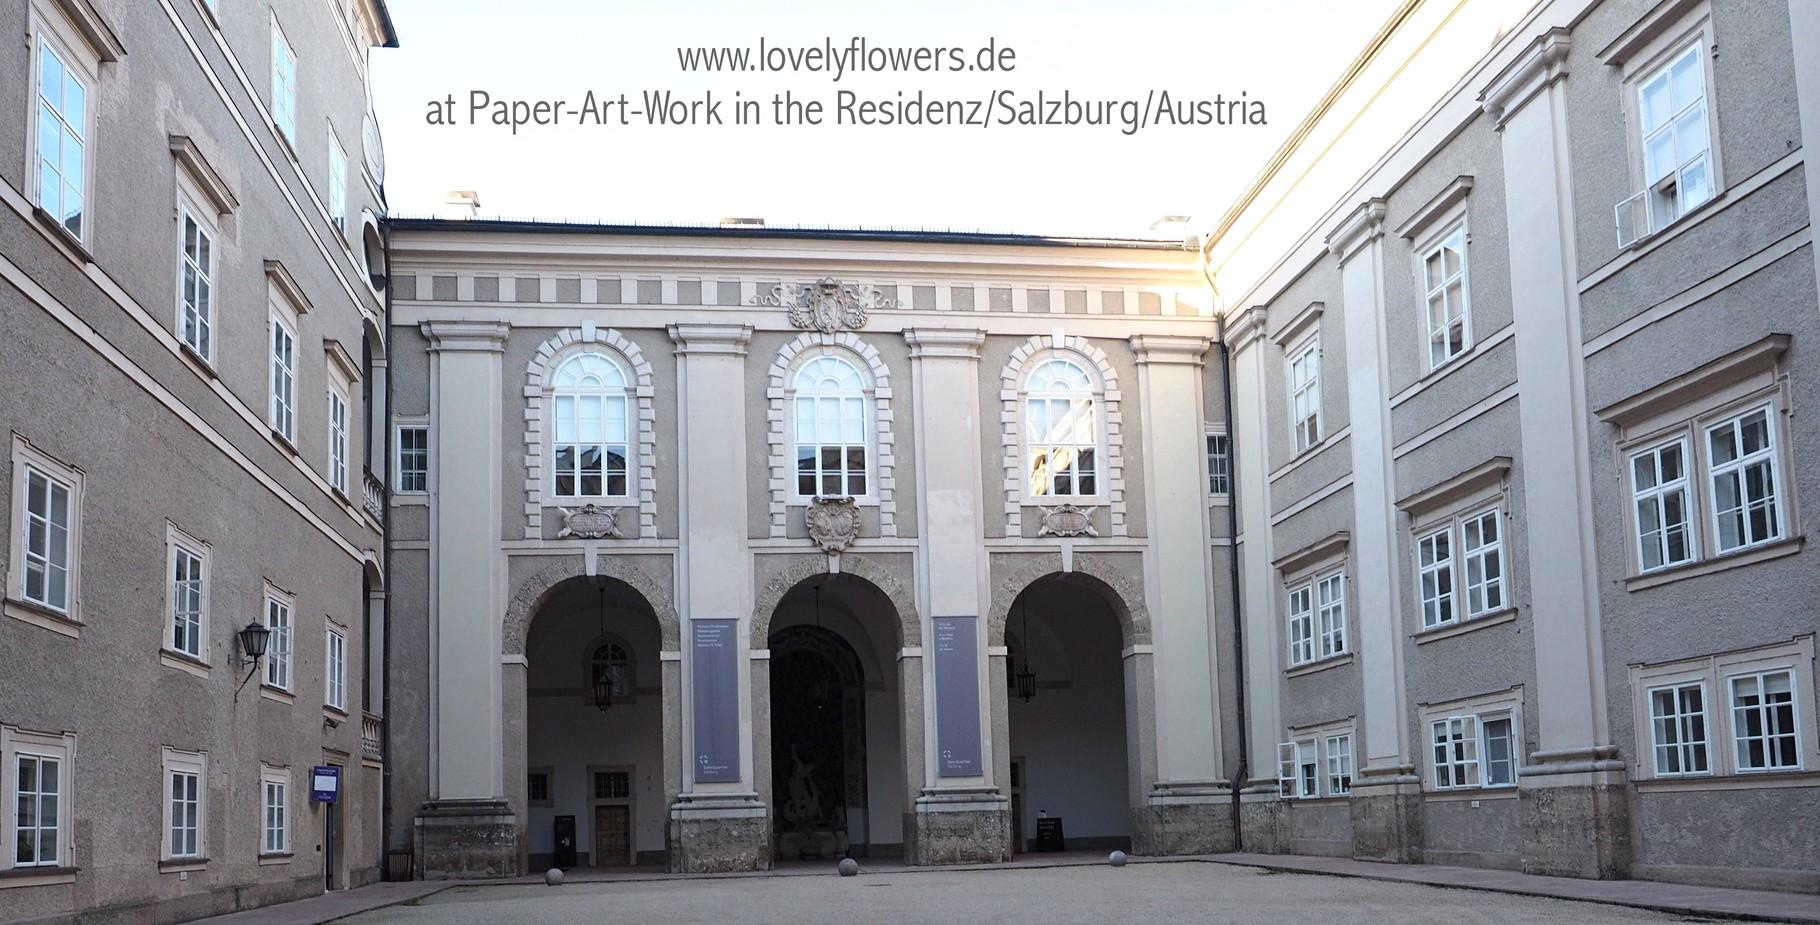 Paper-Art Blütendekorationen durch www.lovelyflowers.de für eine wundervolle Winterhochzeit in der Residenz/Salzburg/Österreich